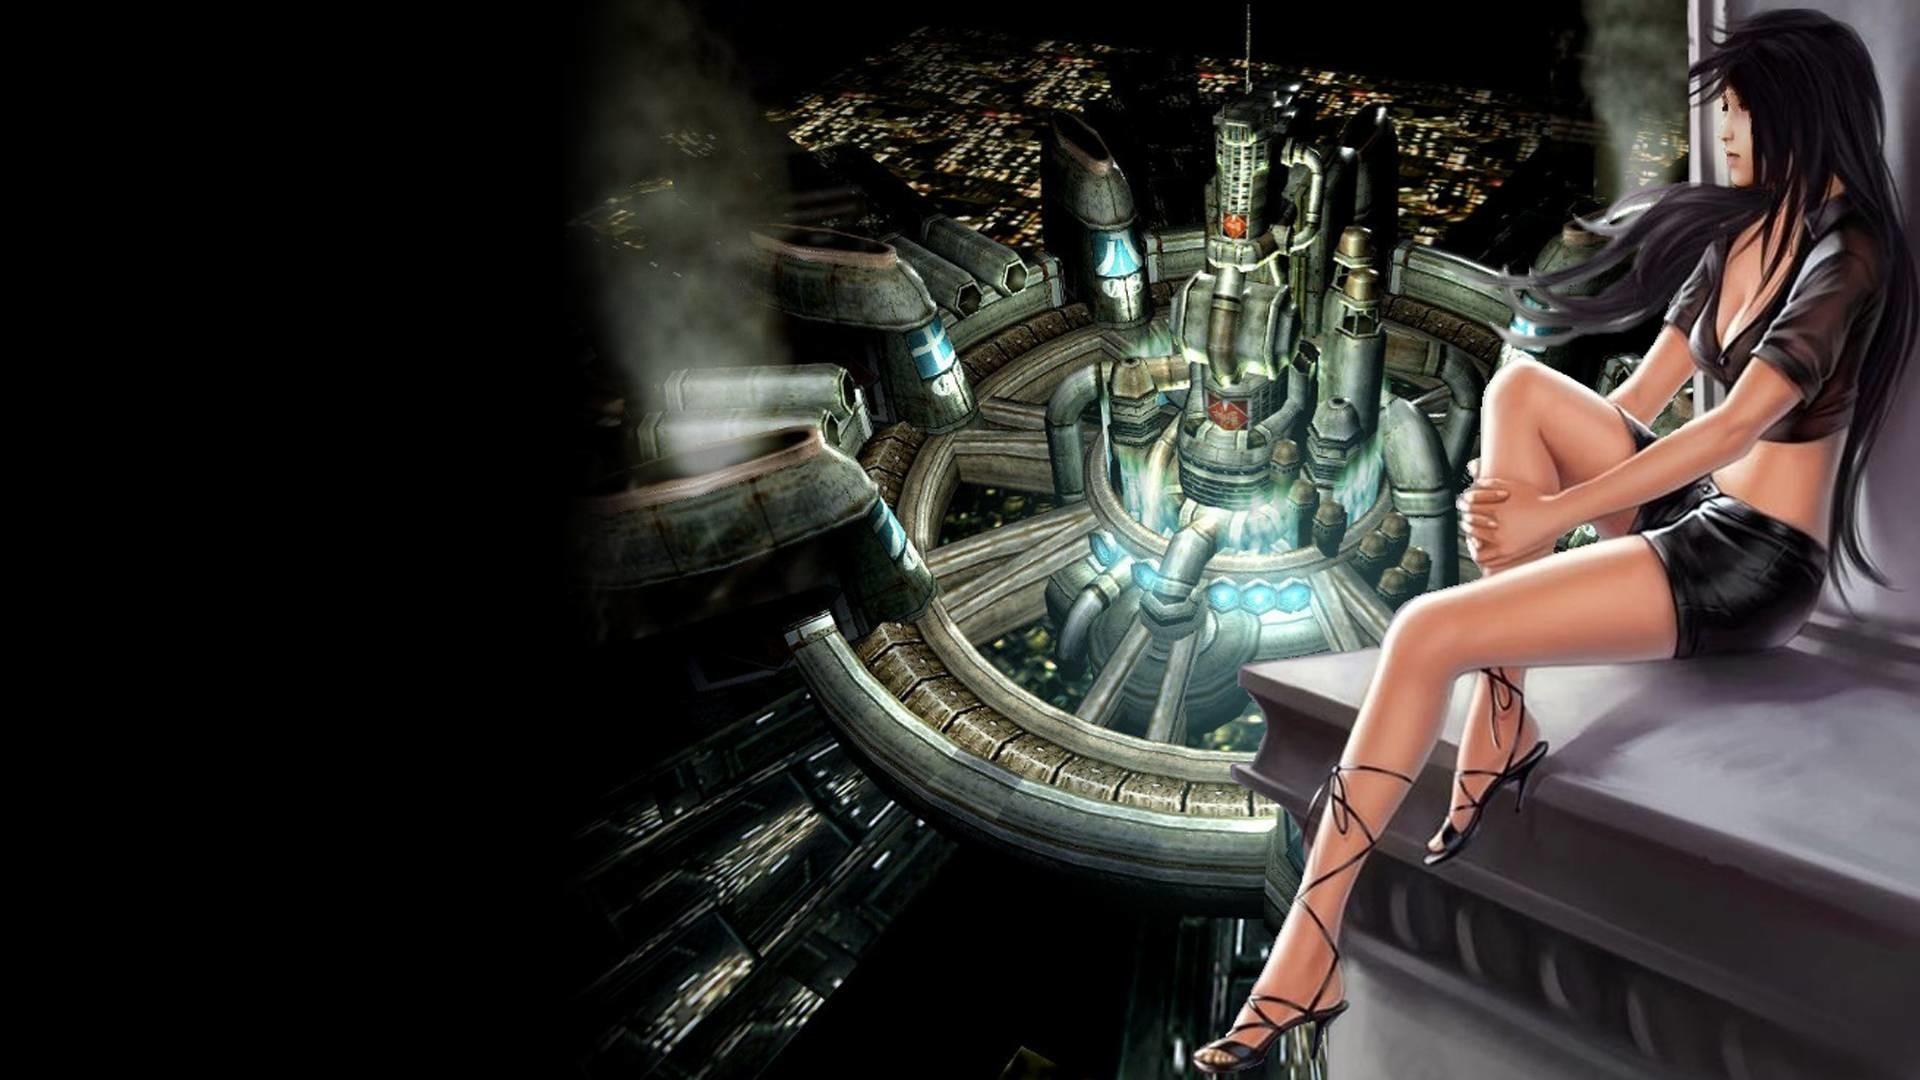 Фанат выяснил, какой размер груди у героини Final Fantasy VII Remake